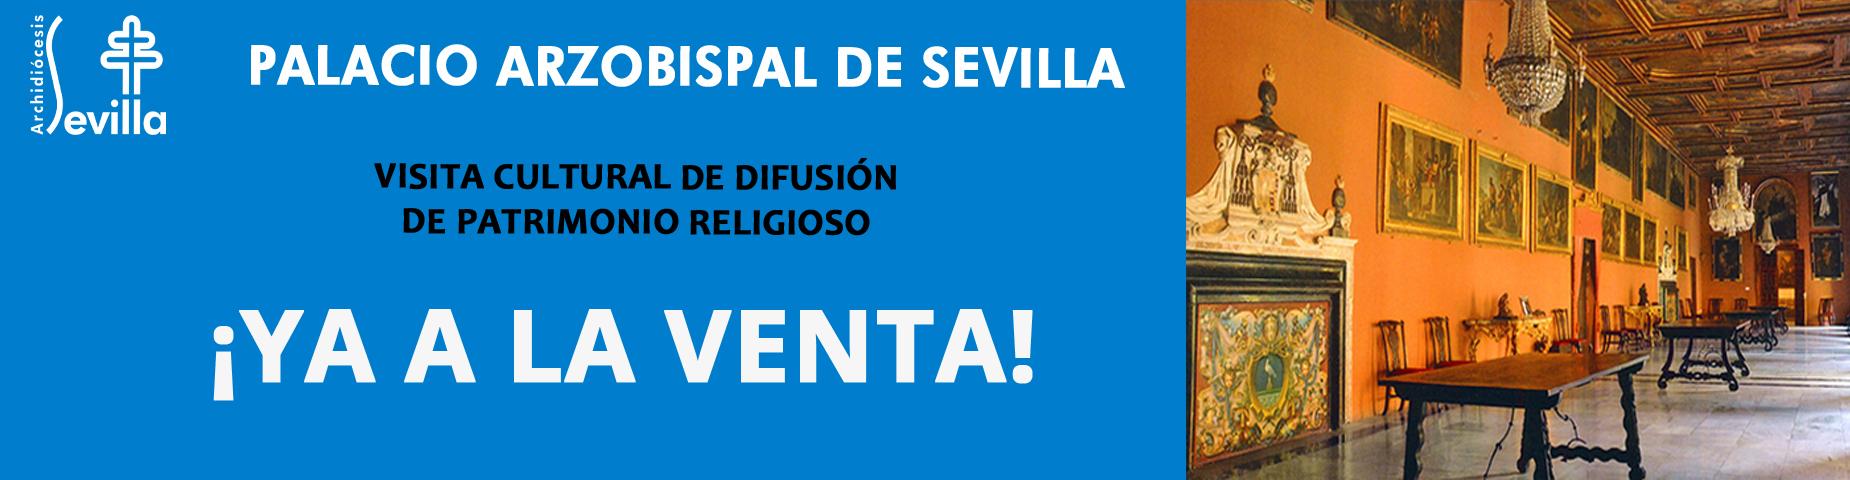 Banner YaALaVentaVisitasCulturalesOK